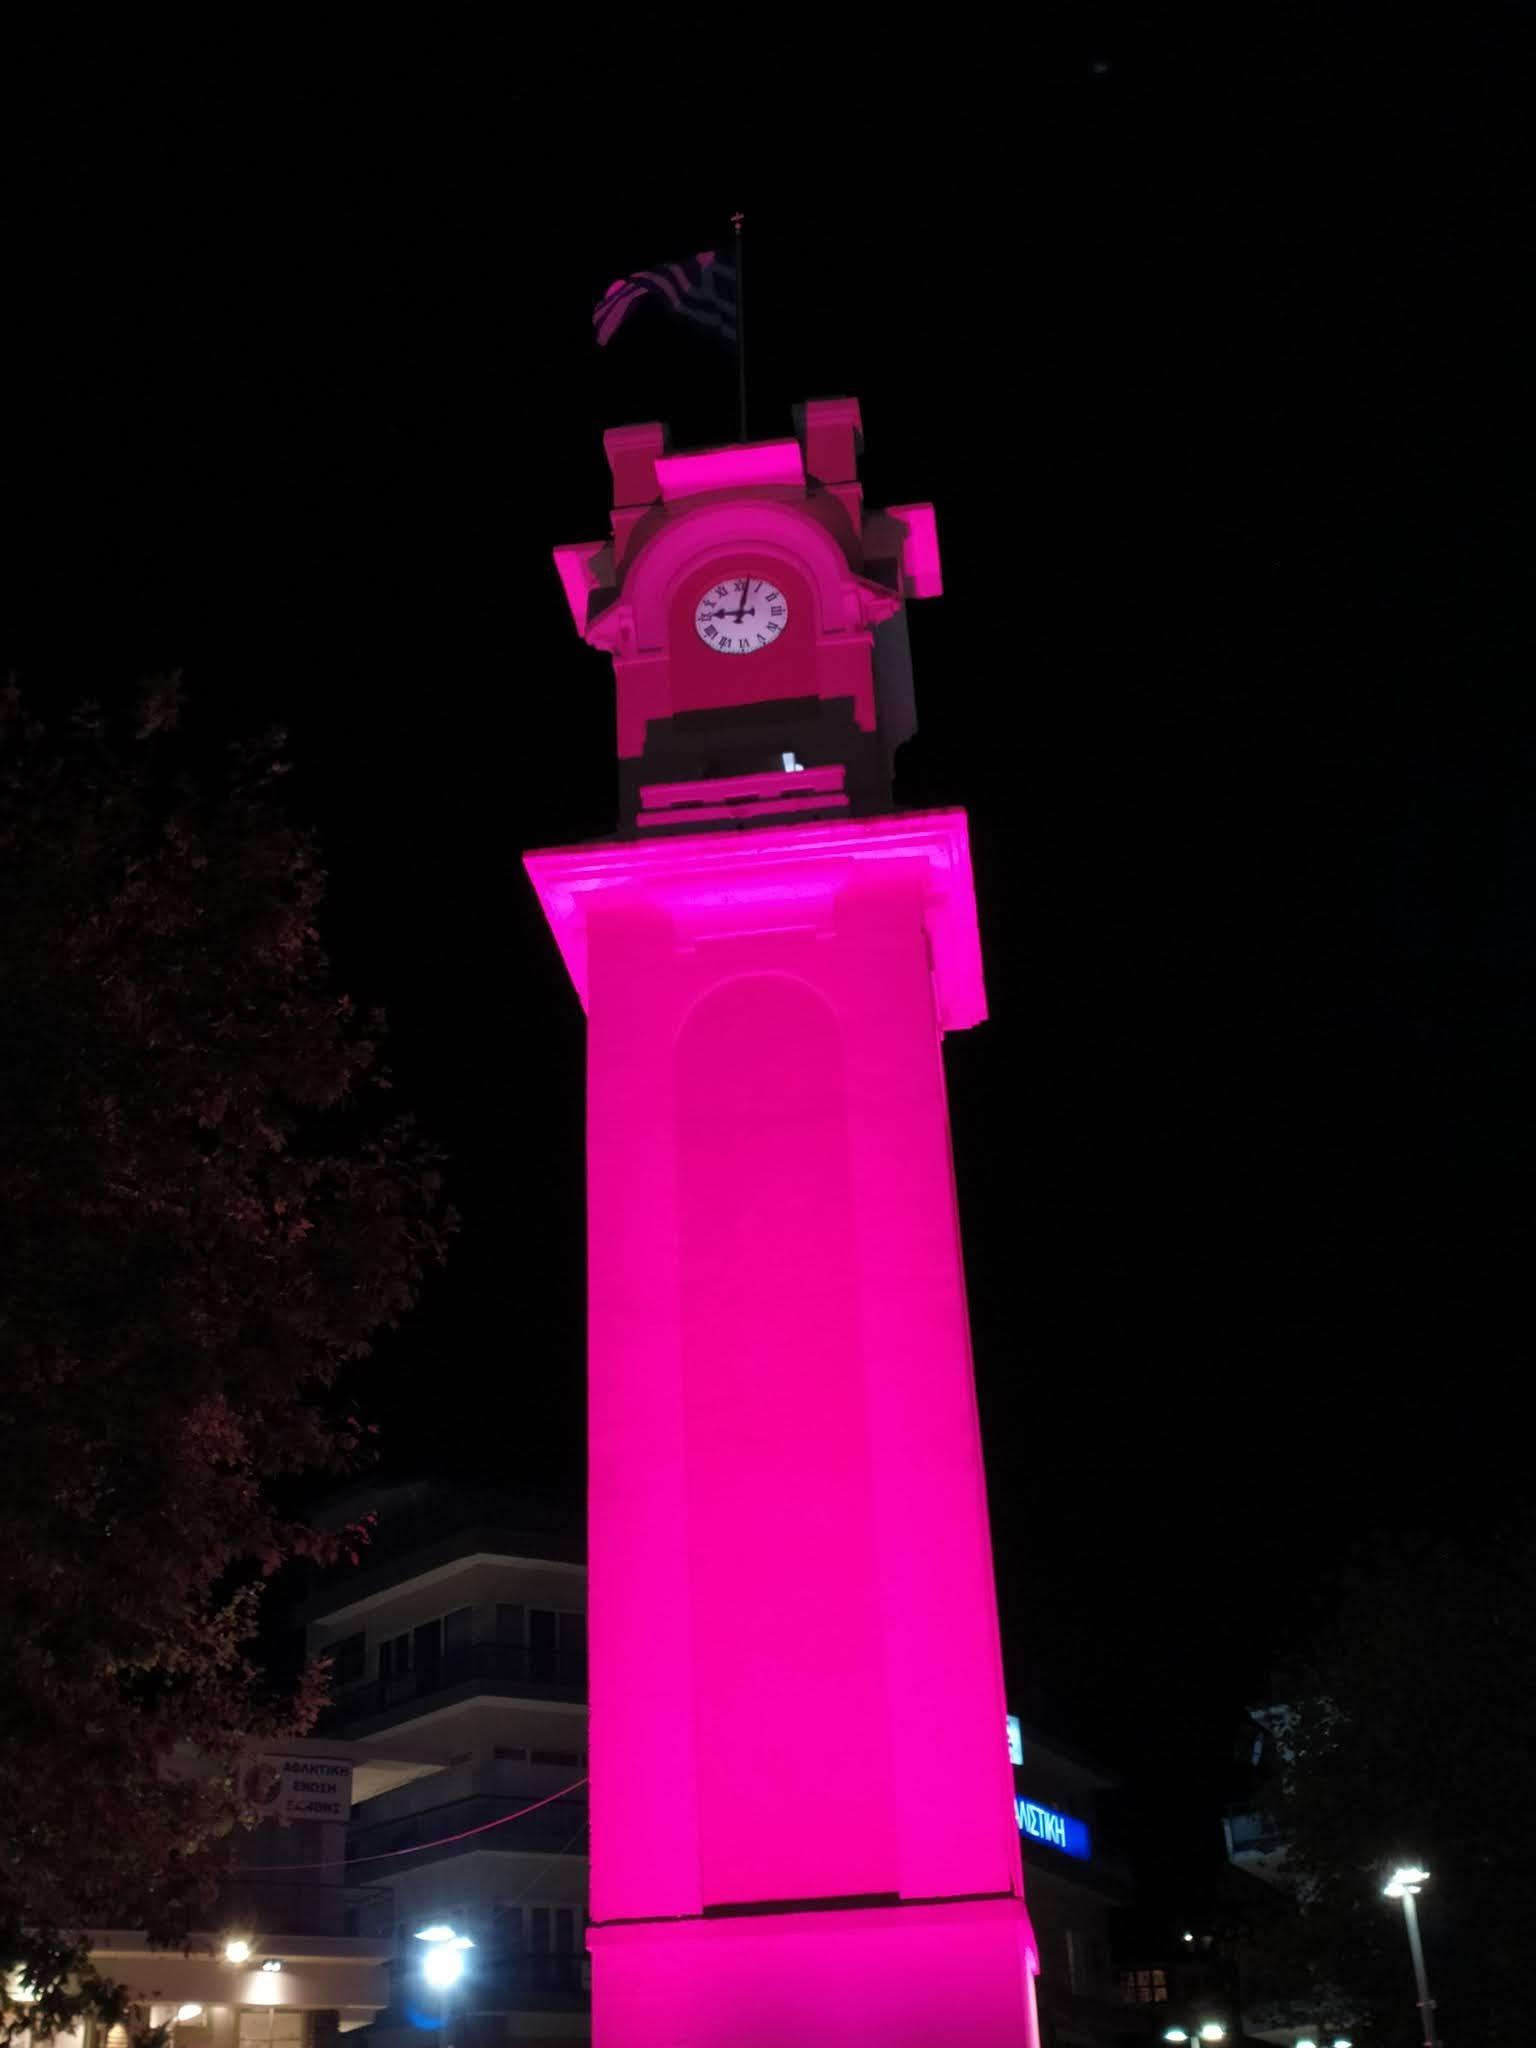 Ντύθηκε στα ροζ το Ρολόι της Ξάνθης για τον καρκίνο του μαστού